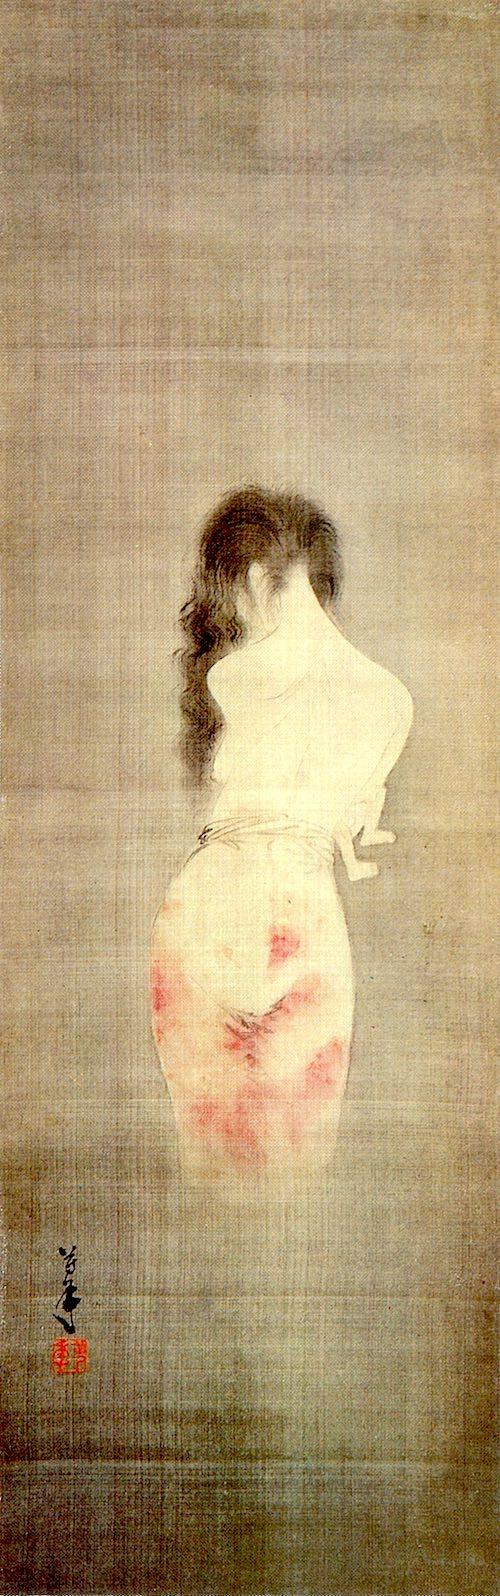 厳選25枚 江戸時代の幽霊画がめちゃくちゃ怖い 夜見ちゃダメ 江戸